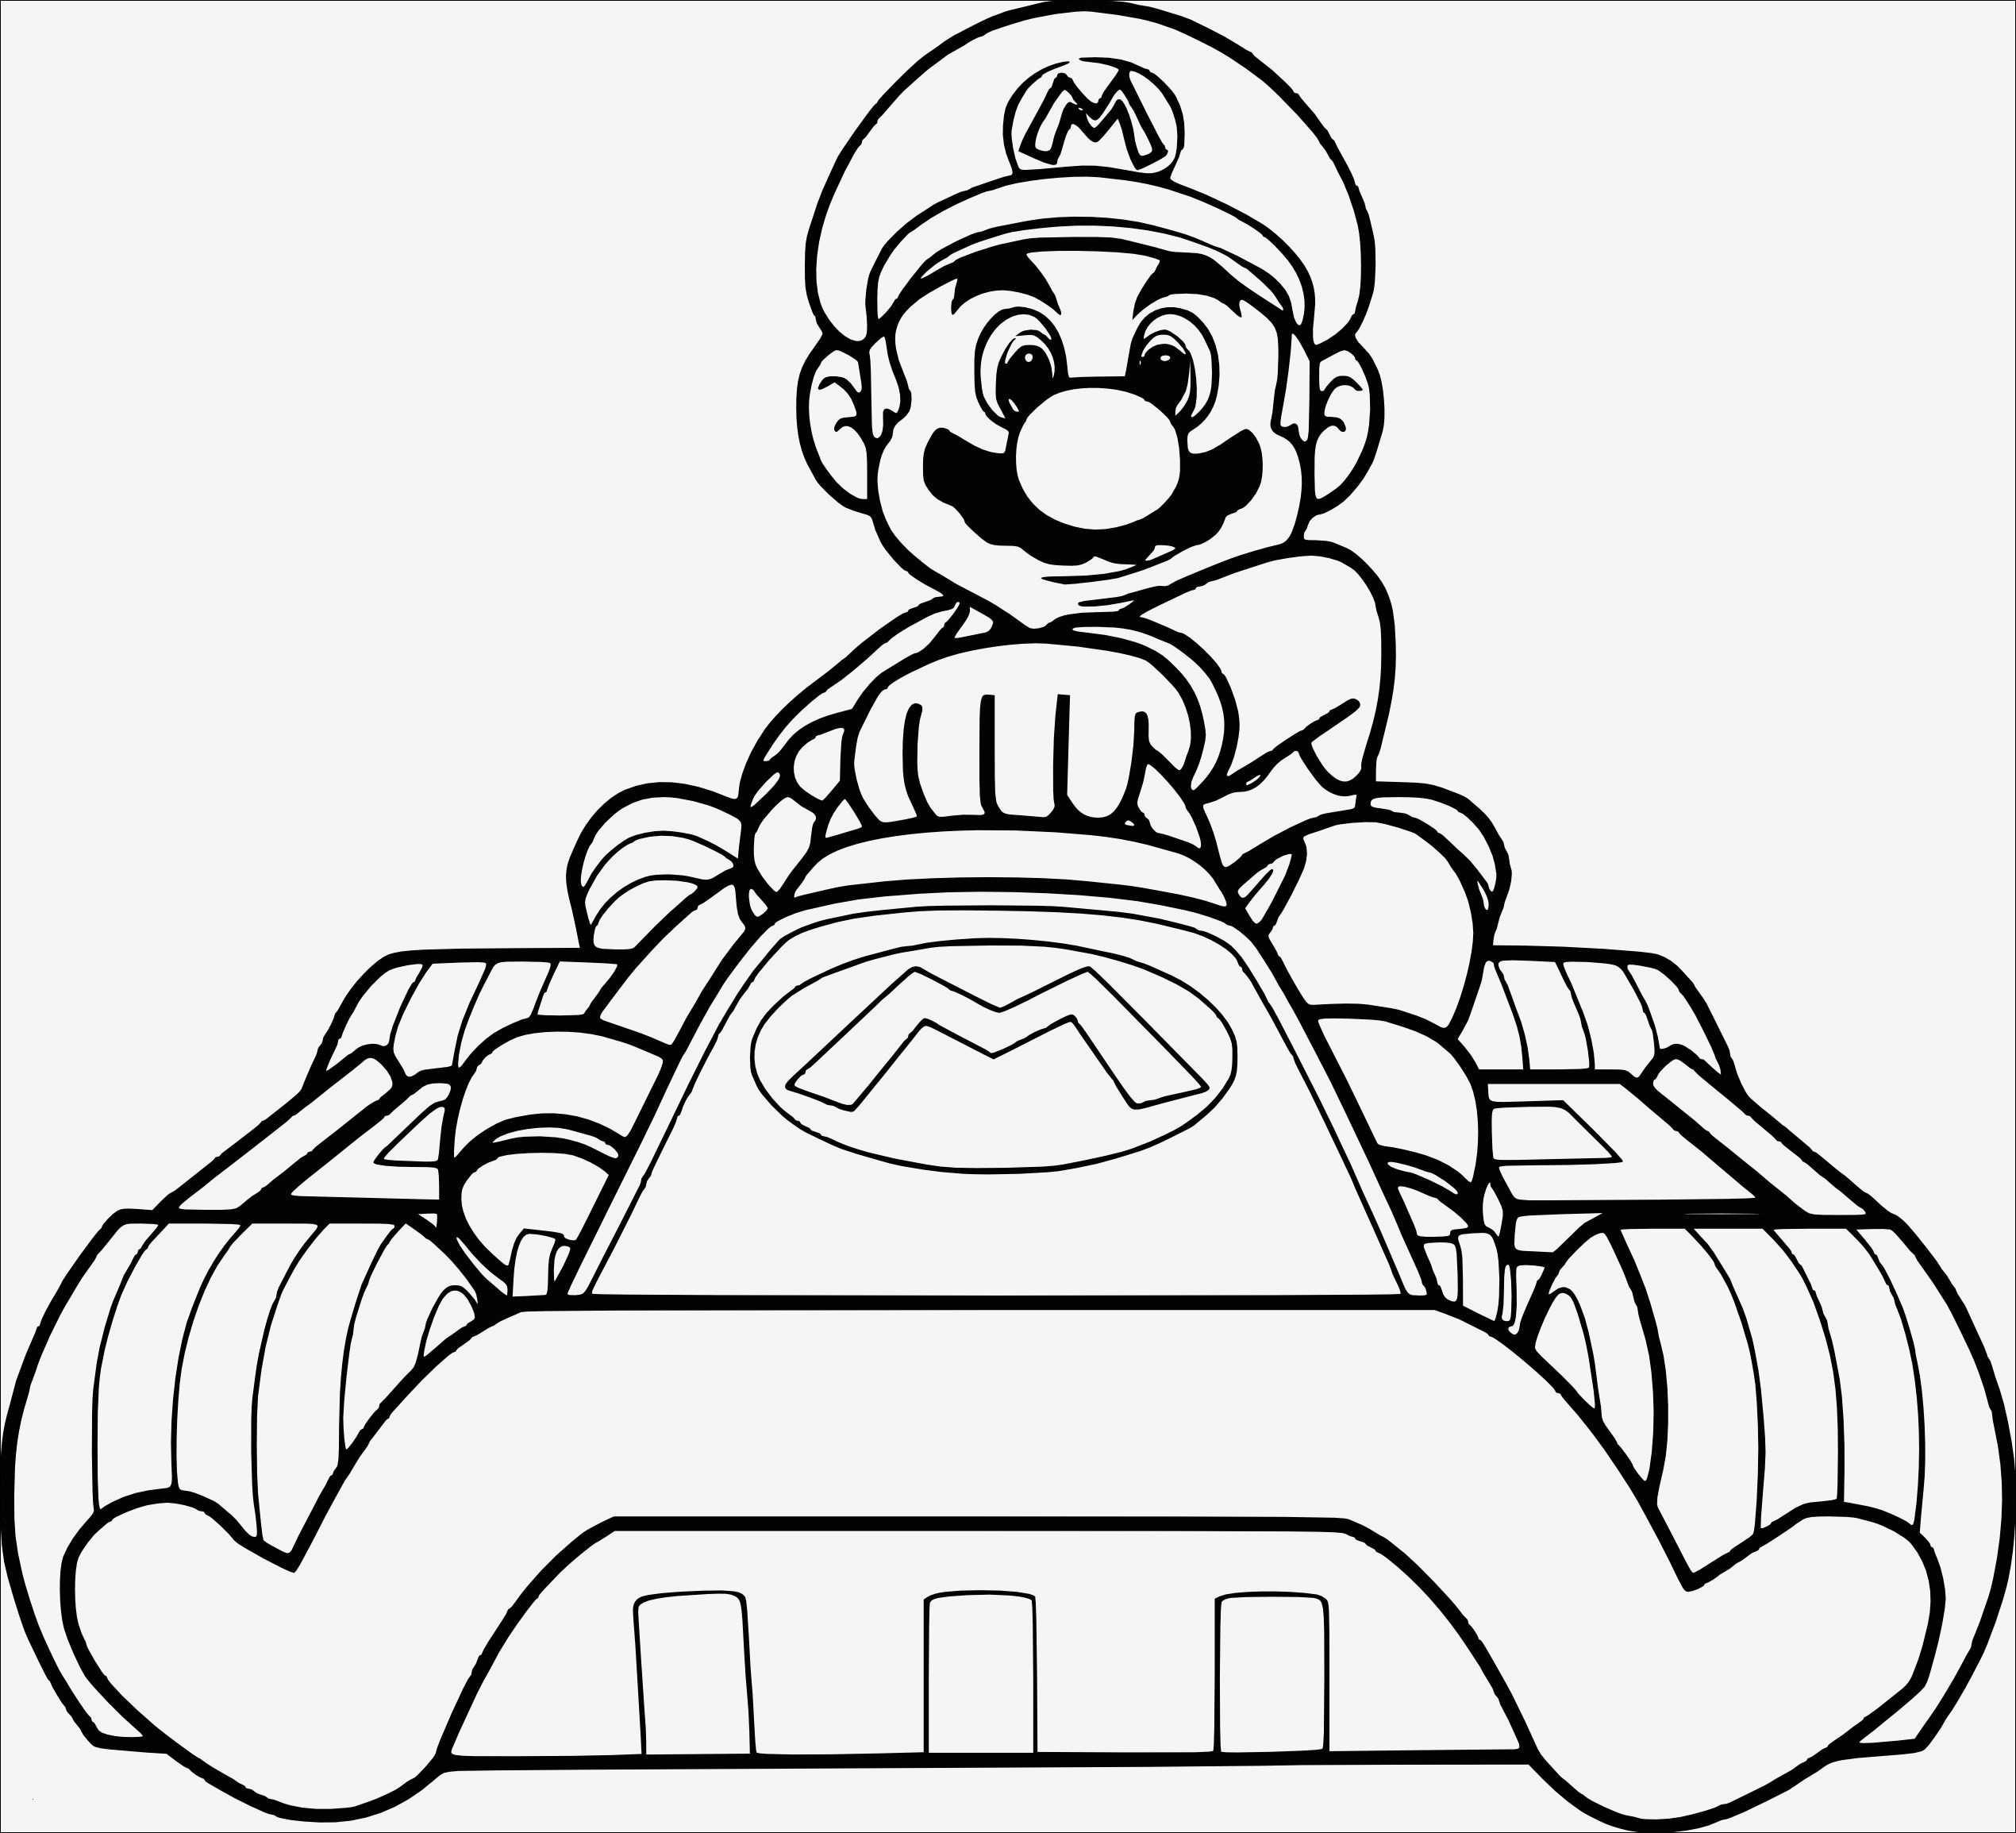 Super Mario Pilz Ausmalbilder Einzigartig Super Mario Pilz Ausmalbilder Ebenbild Malvorlagen Dino Genial Bilder